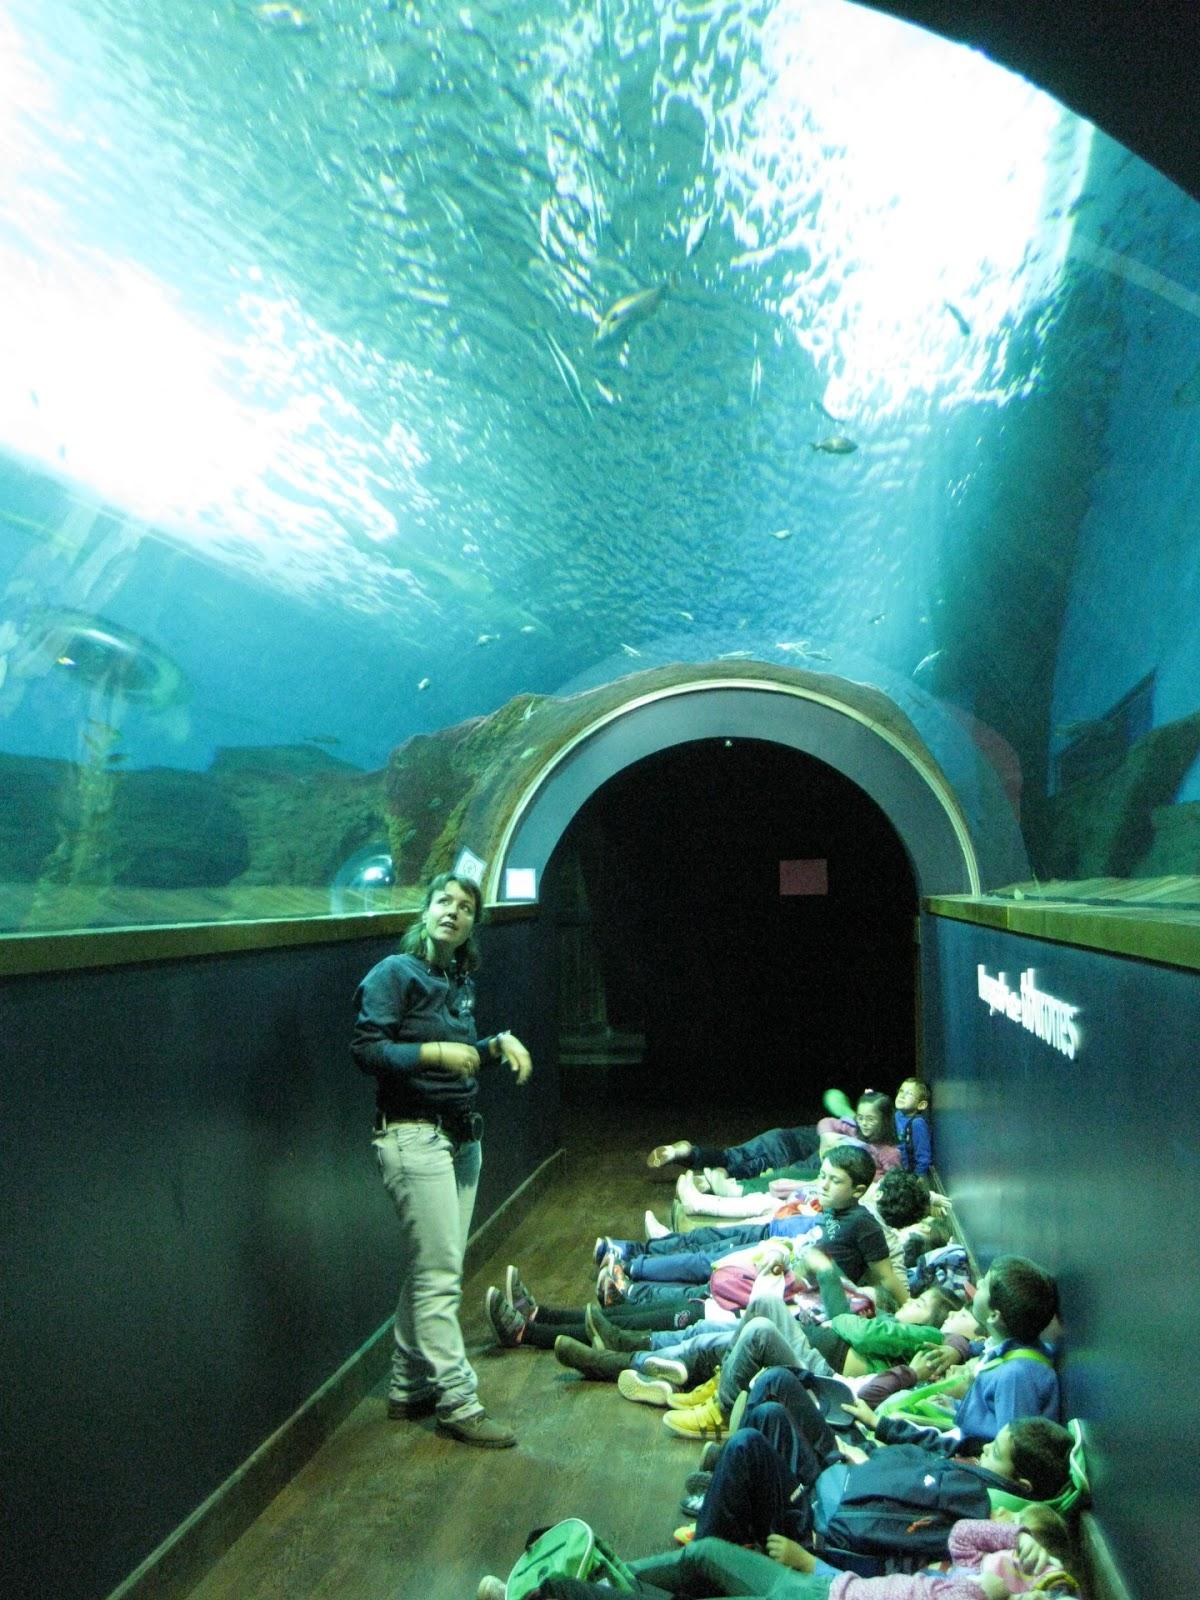 Mi bibliorinc n excursi n al acuario de sevilla - Entradas acuario sevilla ...